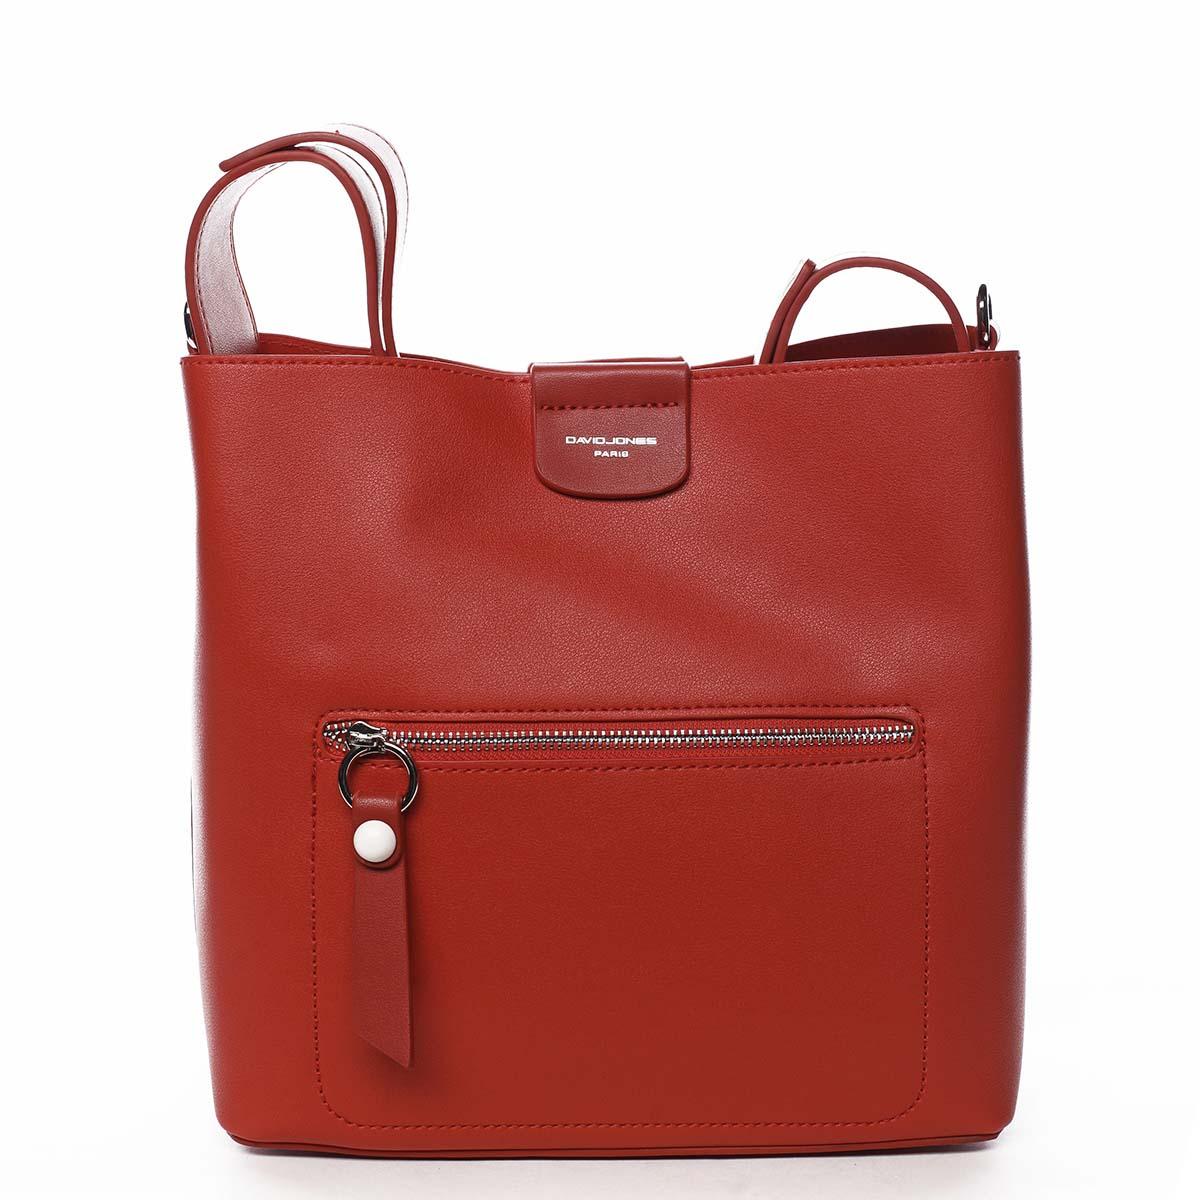 Dámská kabelka přes rameno červená - David Jones Salma